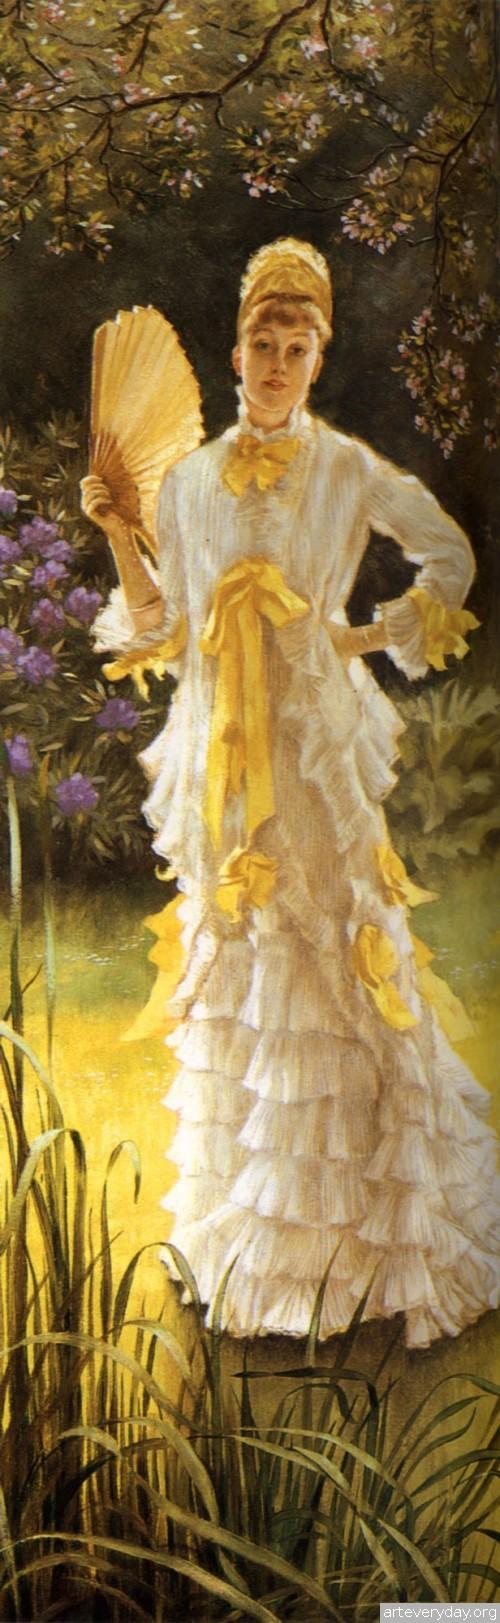 9 | Тиссо Джеймс - Tissot James. Мастер салонной живописи Викторианской эпохи | ARTeveryday.org